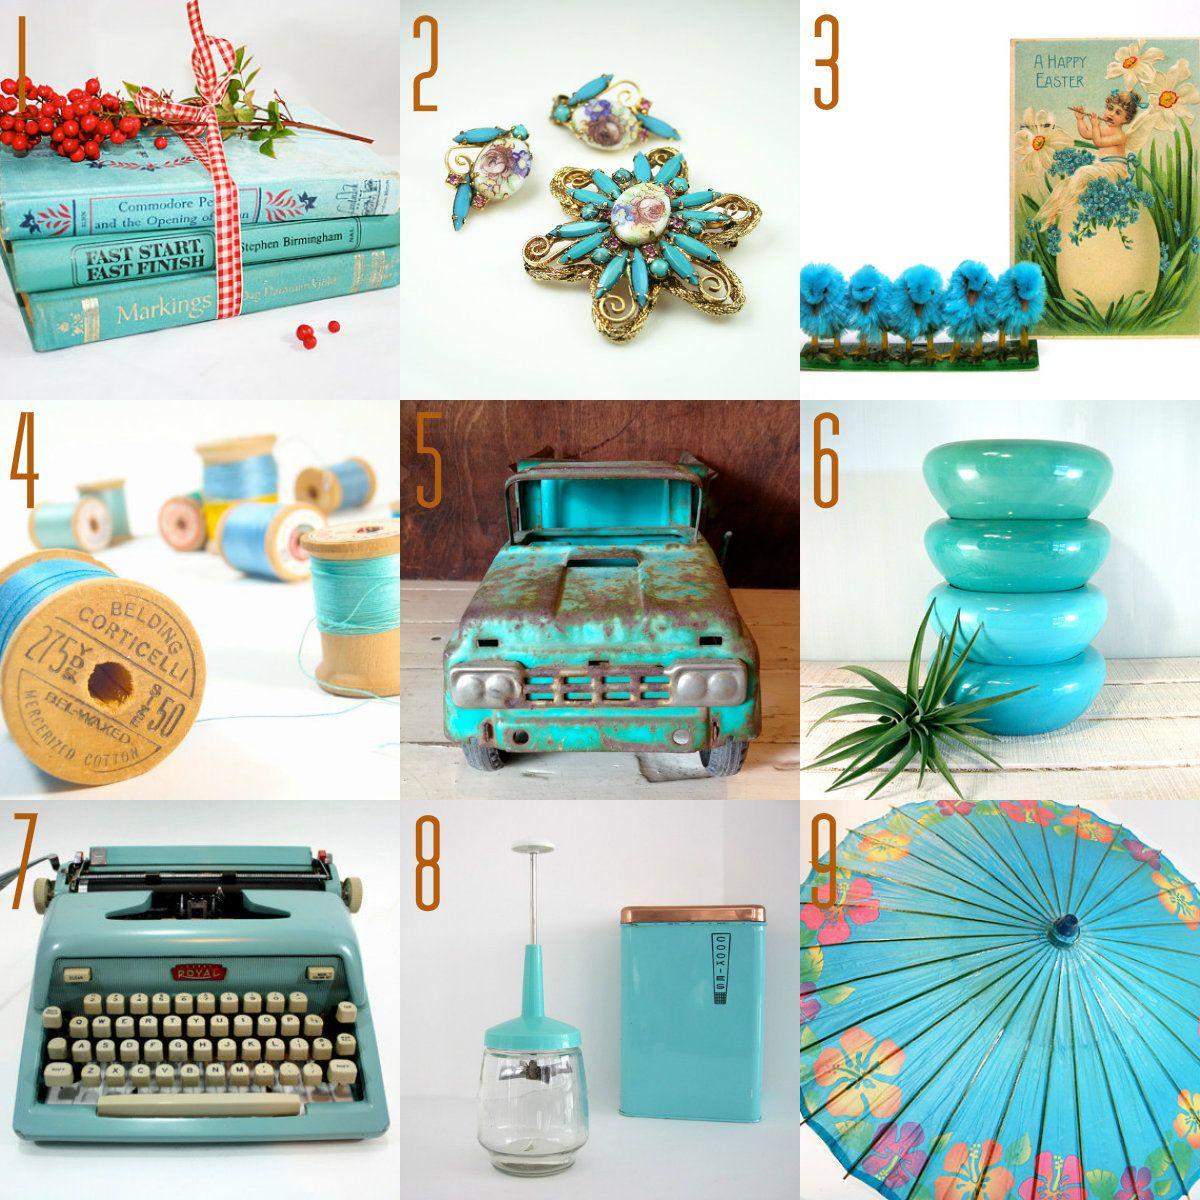 http://3.bp.blogspot.com/-aZgTaAXyotM/UVQyaTPuCqI/AAAAAAAAFYs/9hOMruMXPW0/s1600/vintage+etsy+society+turquoise.jpeg